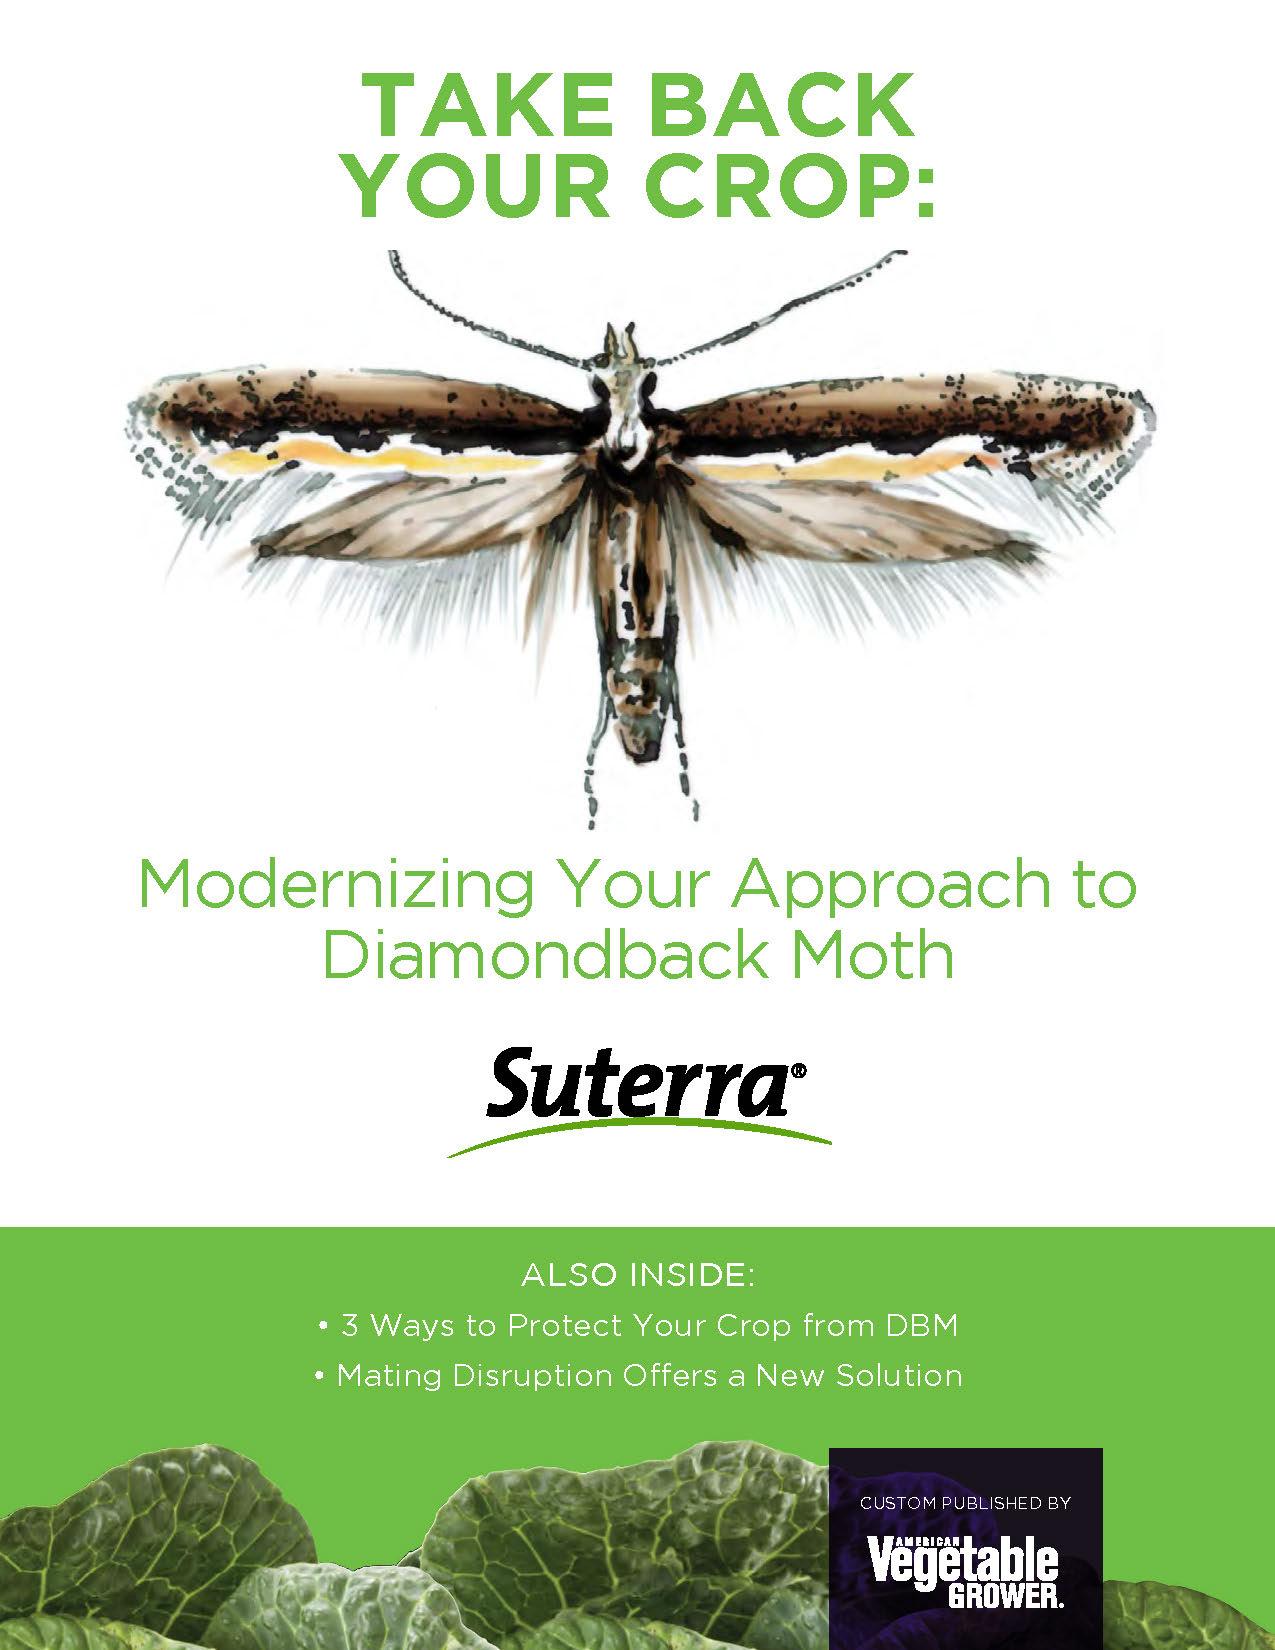 Suterra_Diamondback Moth eBook_Page_1